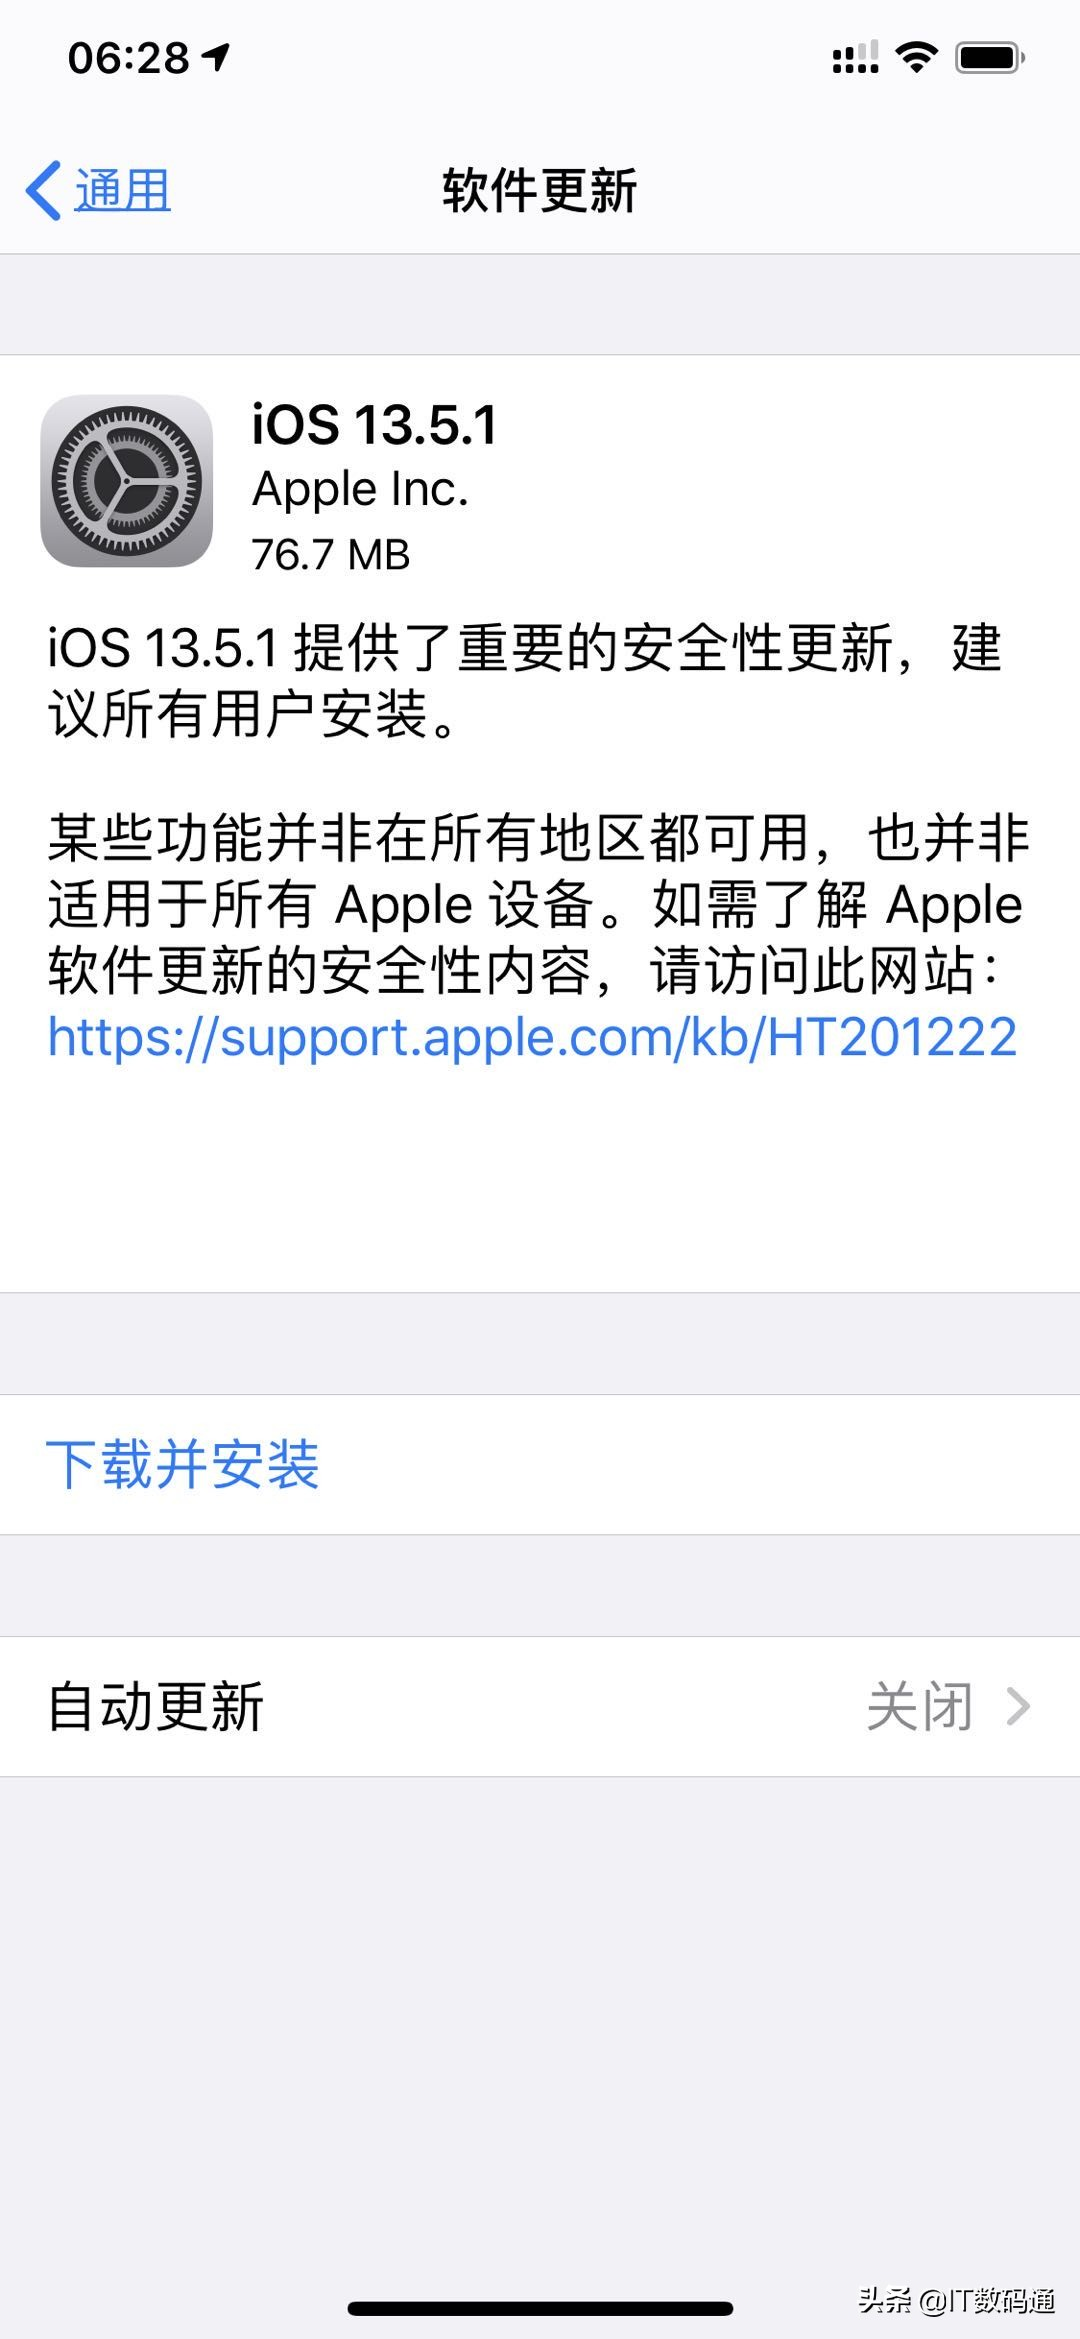 iOS13.5.1最新版本升级了哪些?iOS13.5.1最新版本新特点与保级攻略大全